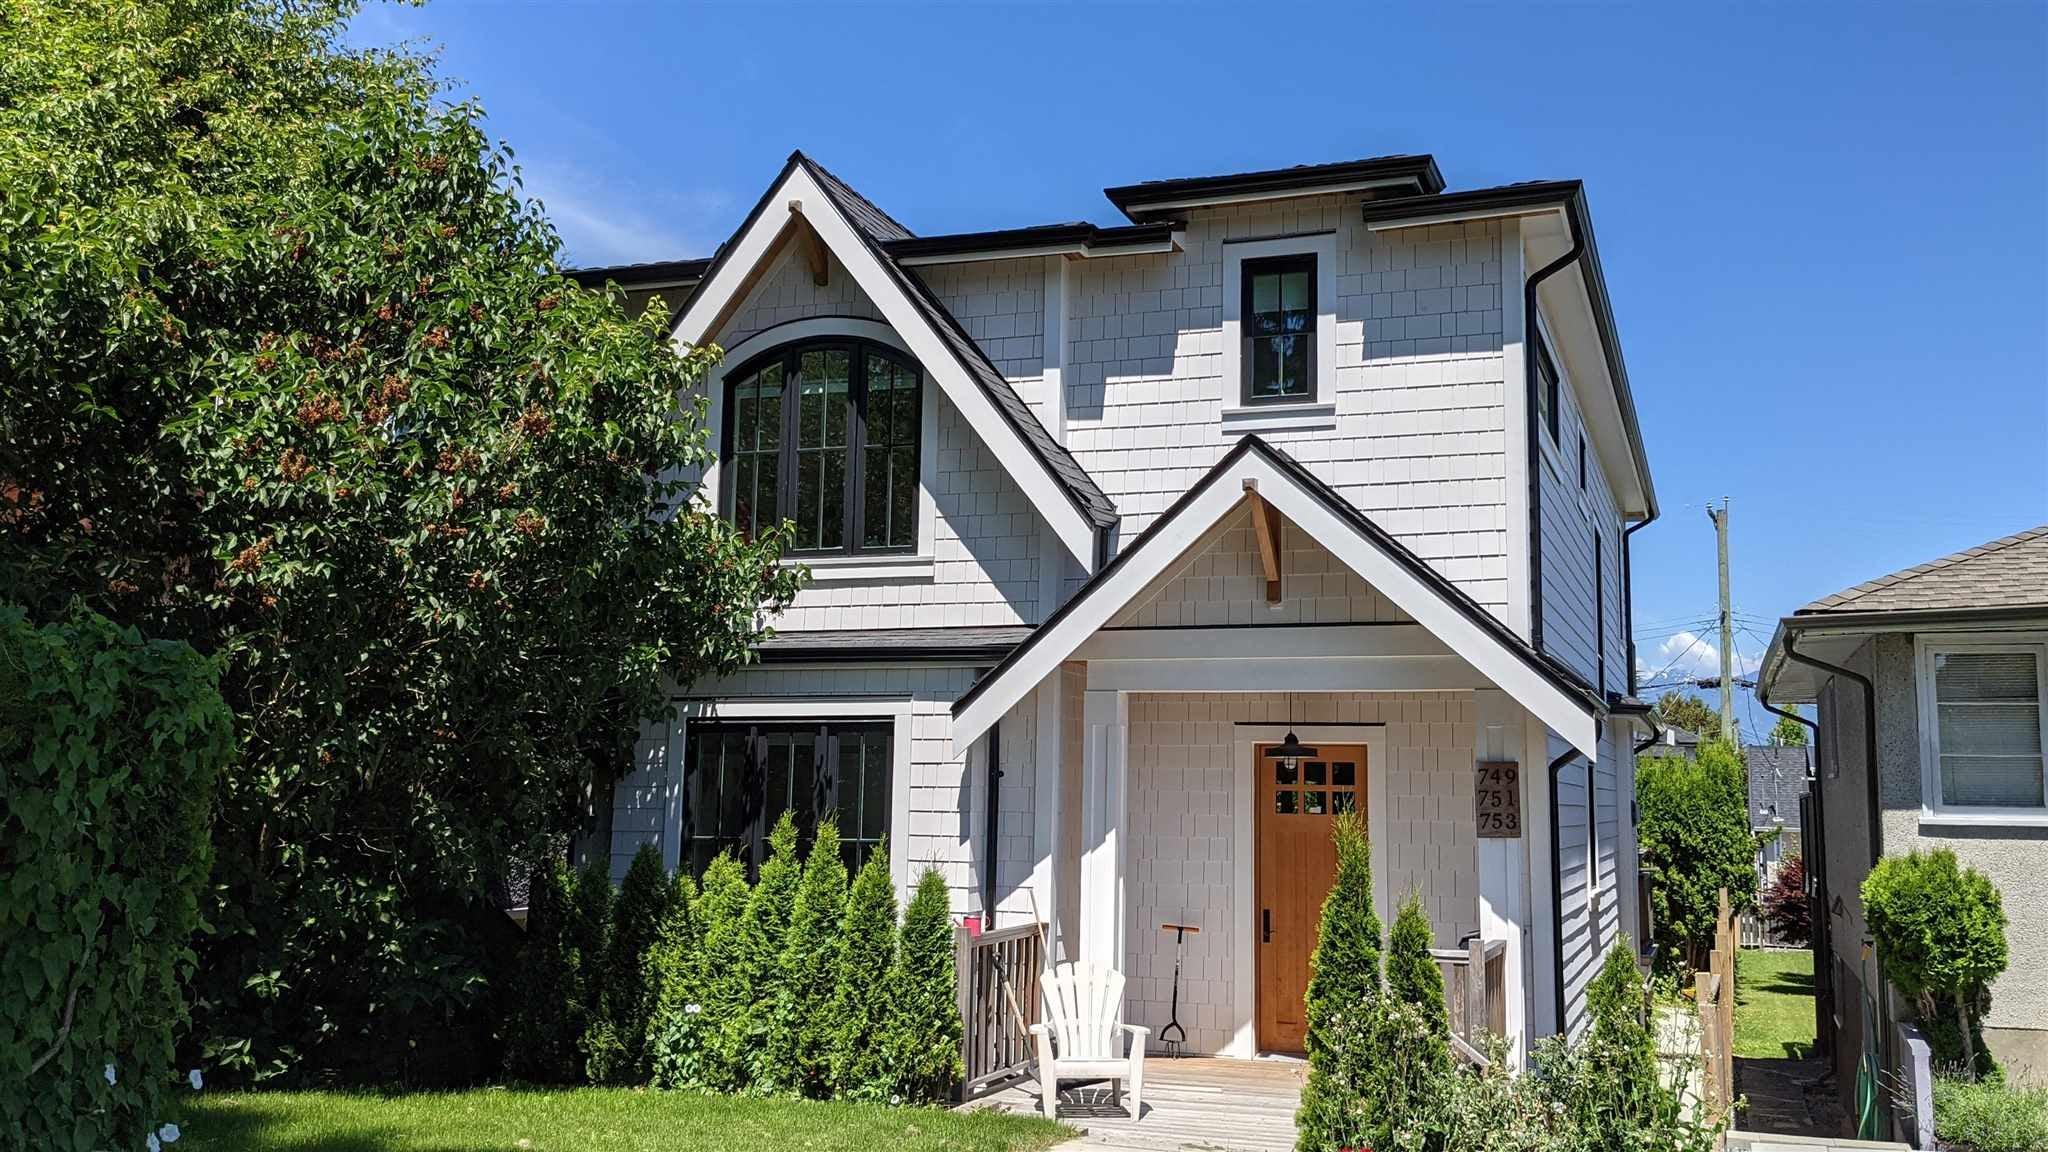 749 E 31ST AVENUE - Fraser VE House/Single Family for sale, 6 Bedrooms (R2596629) - #1